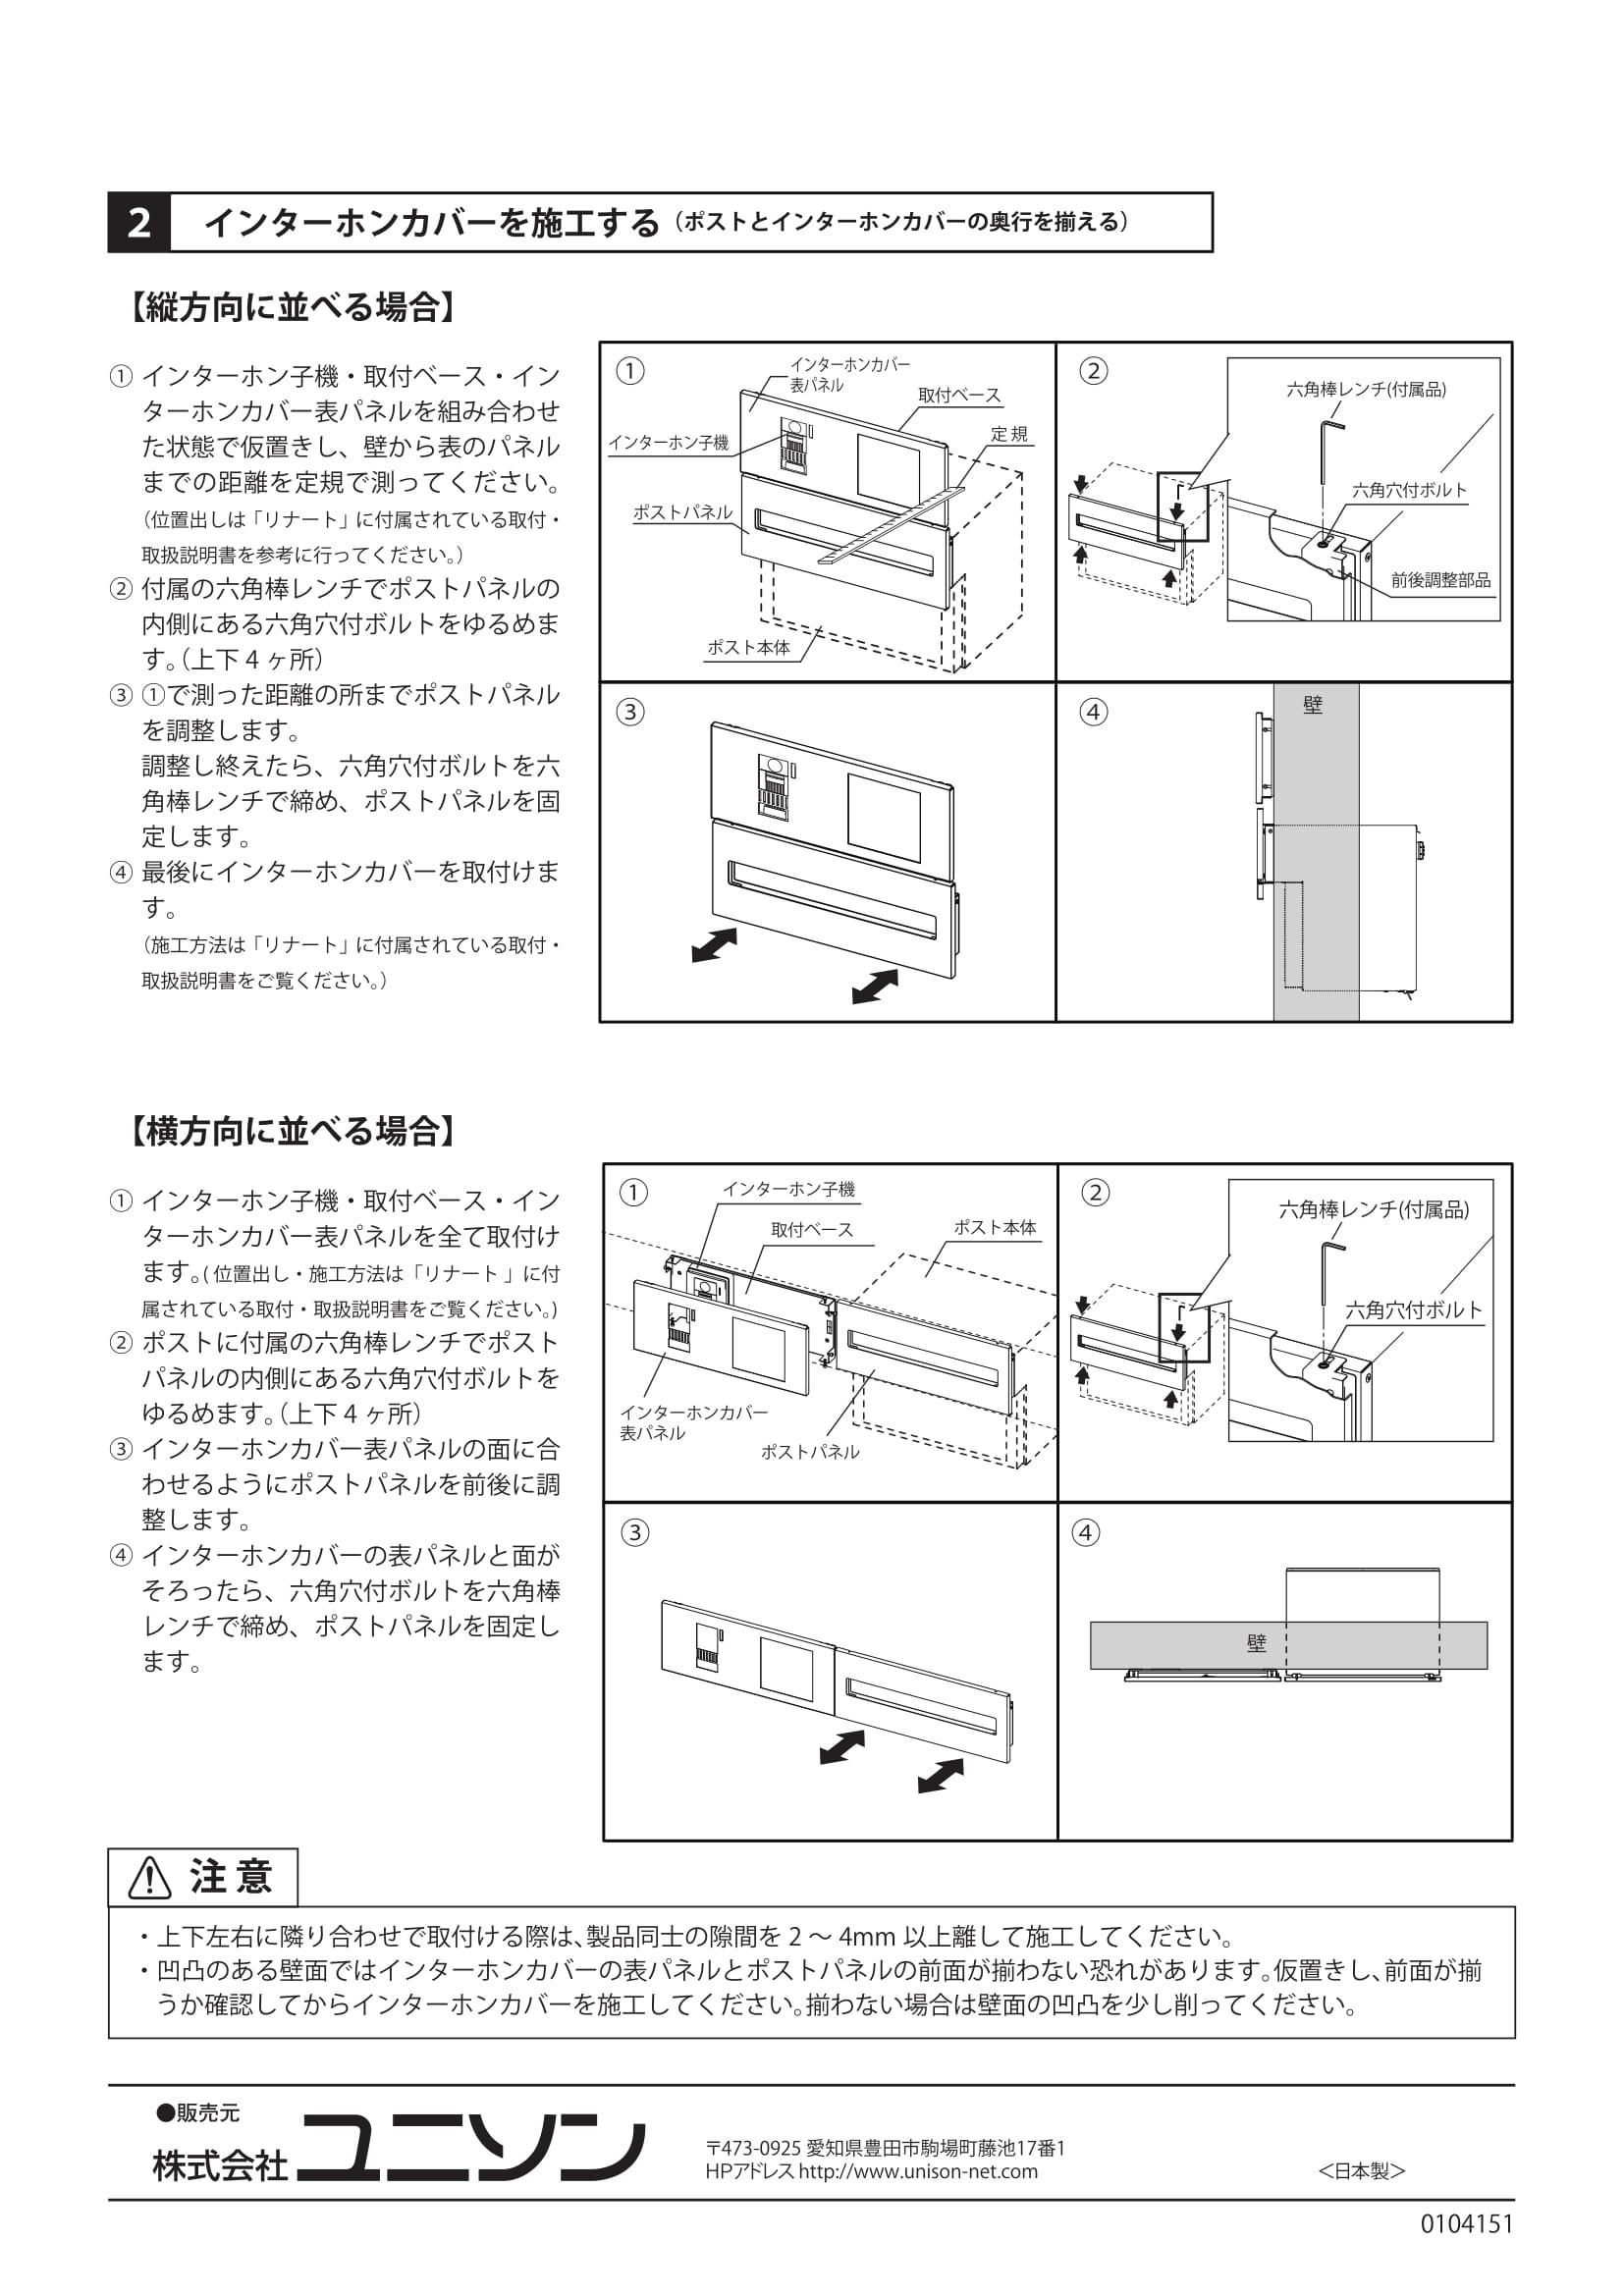 オストヨコ_取扱説明書-6